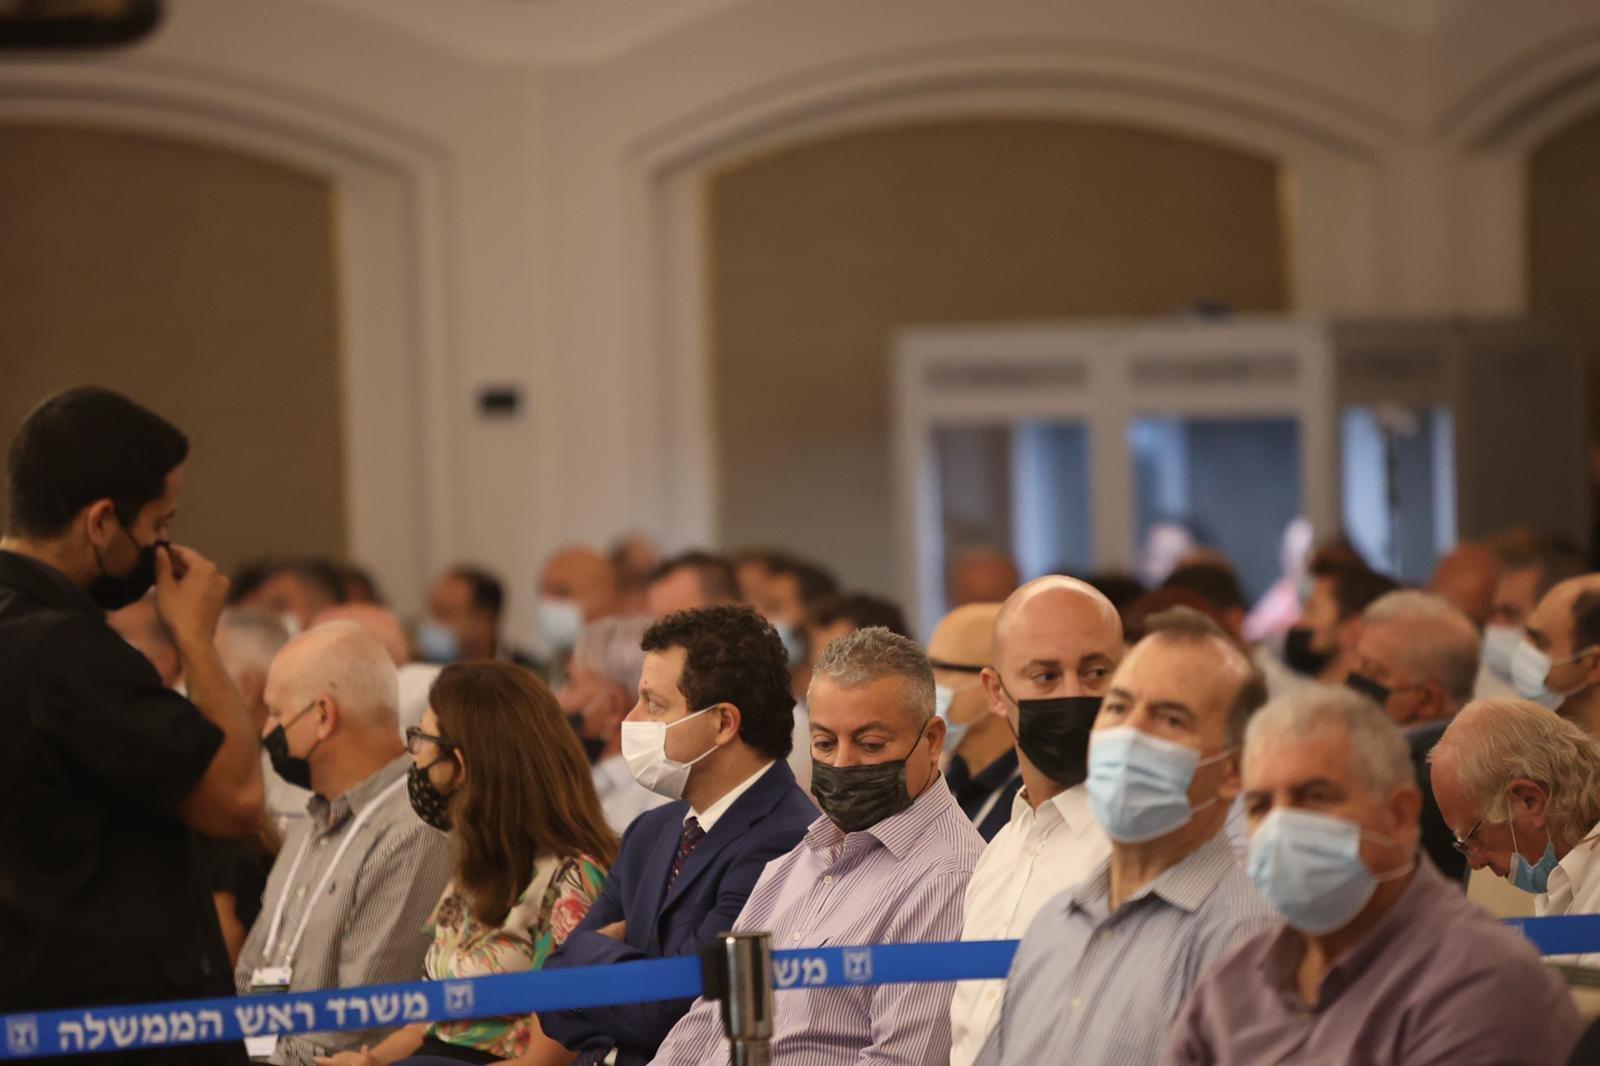 مشاركة كبيرة ومحاضرات هامة في المؤتمر الاقتصادي للمجتمع العربي بالناصرة-22